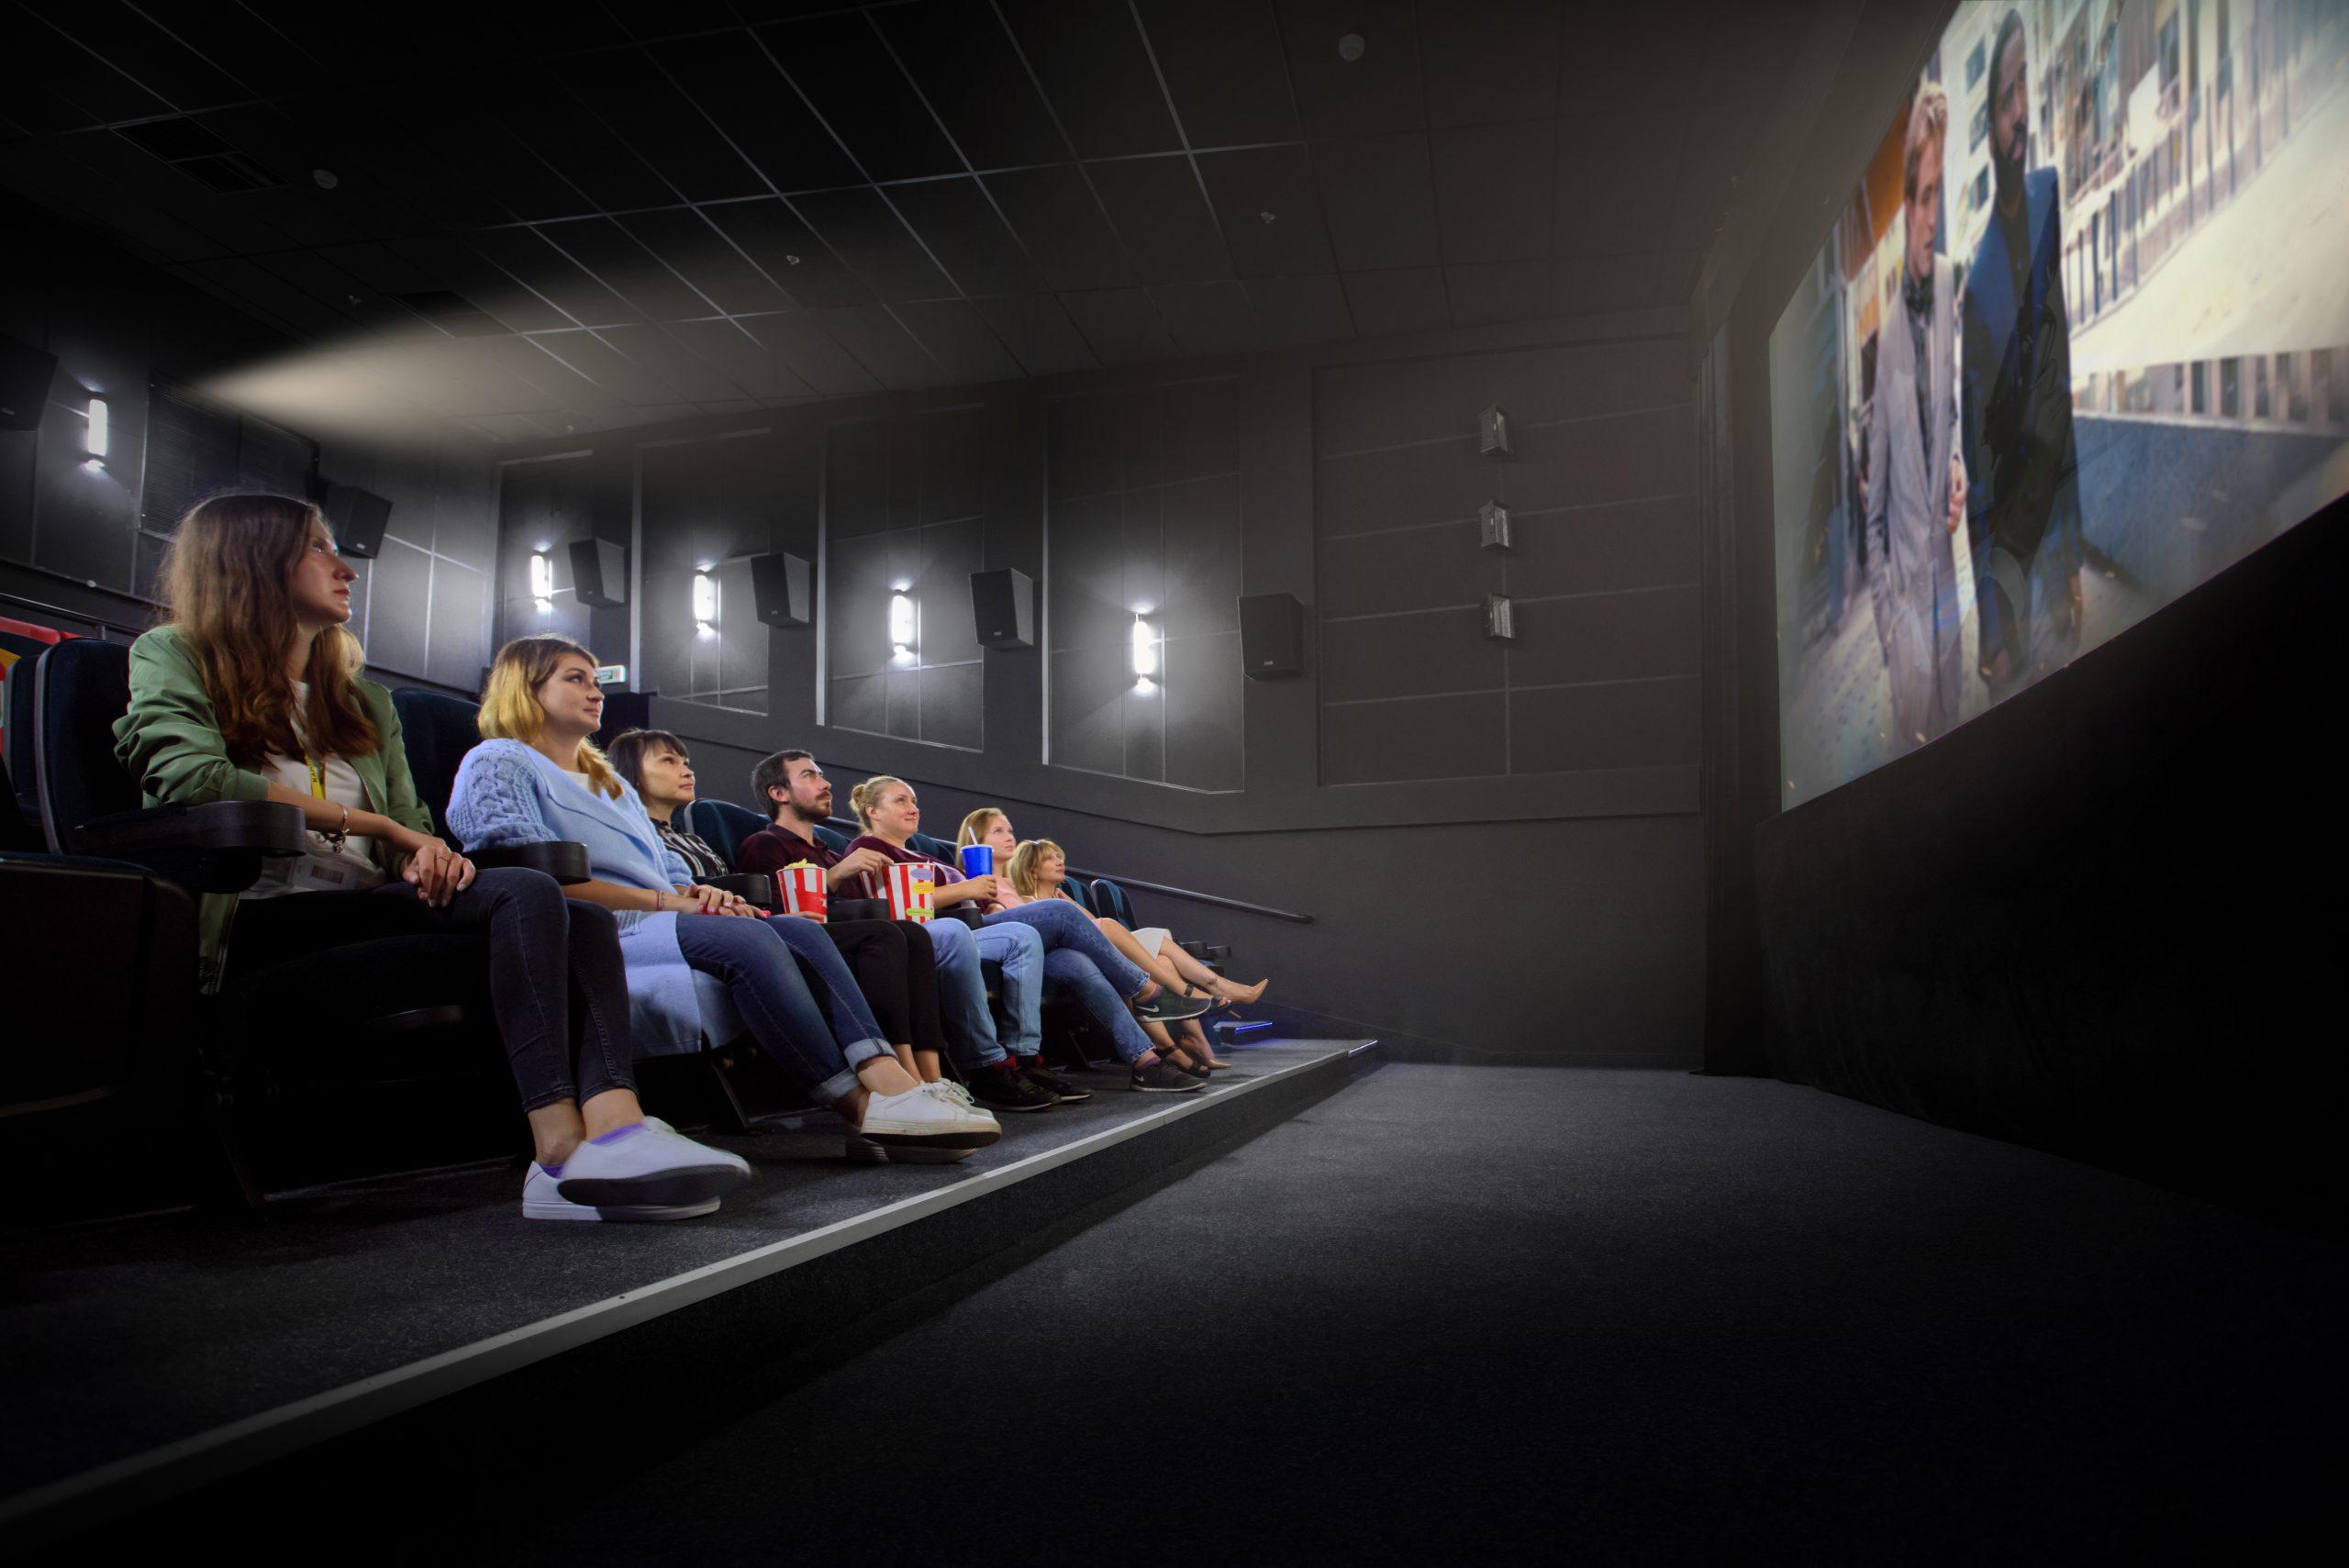 Кинотеатр Multiplex, №4 - kiev.karavan.com.ua